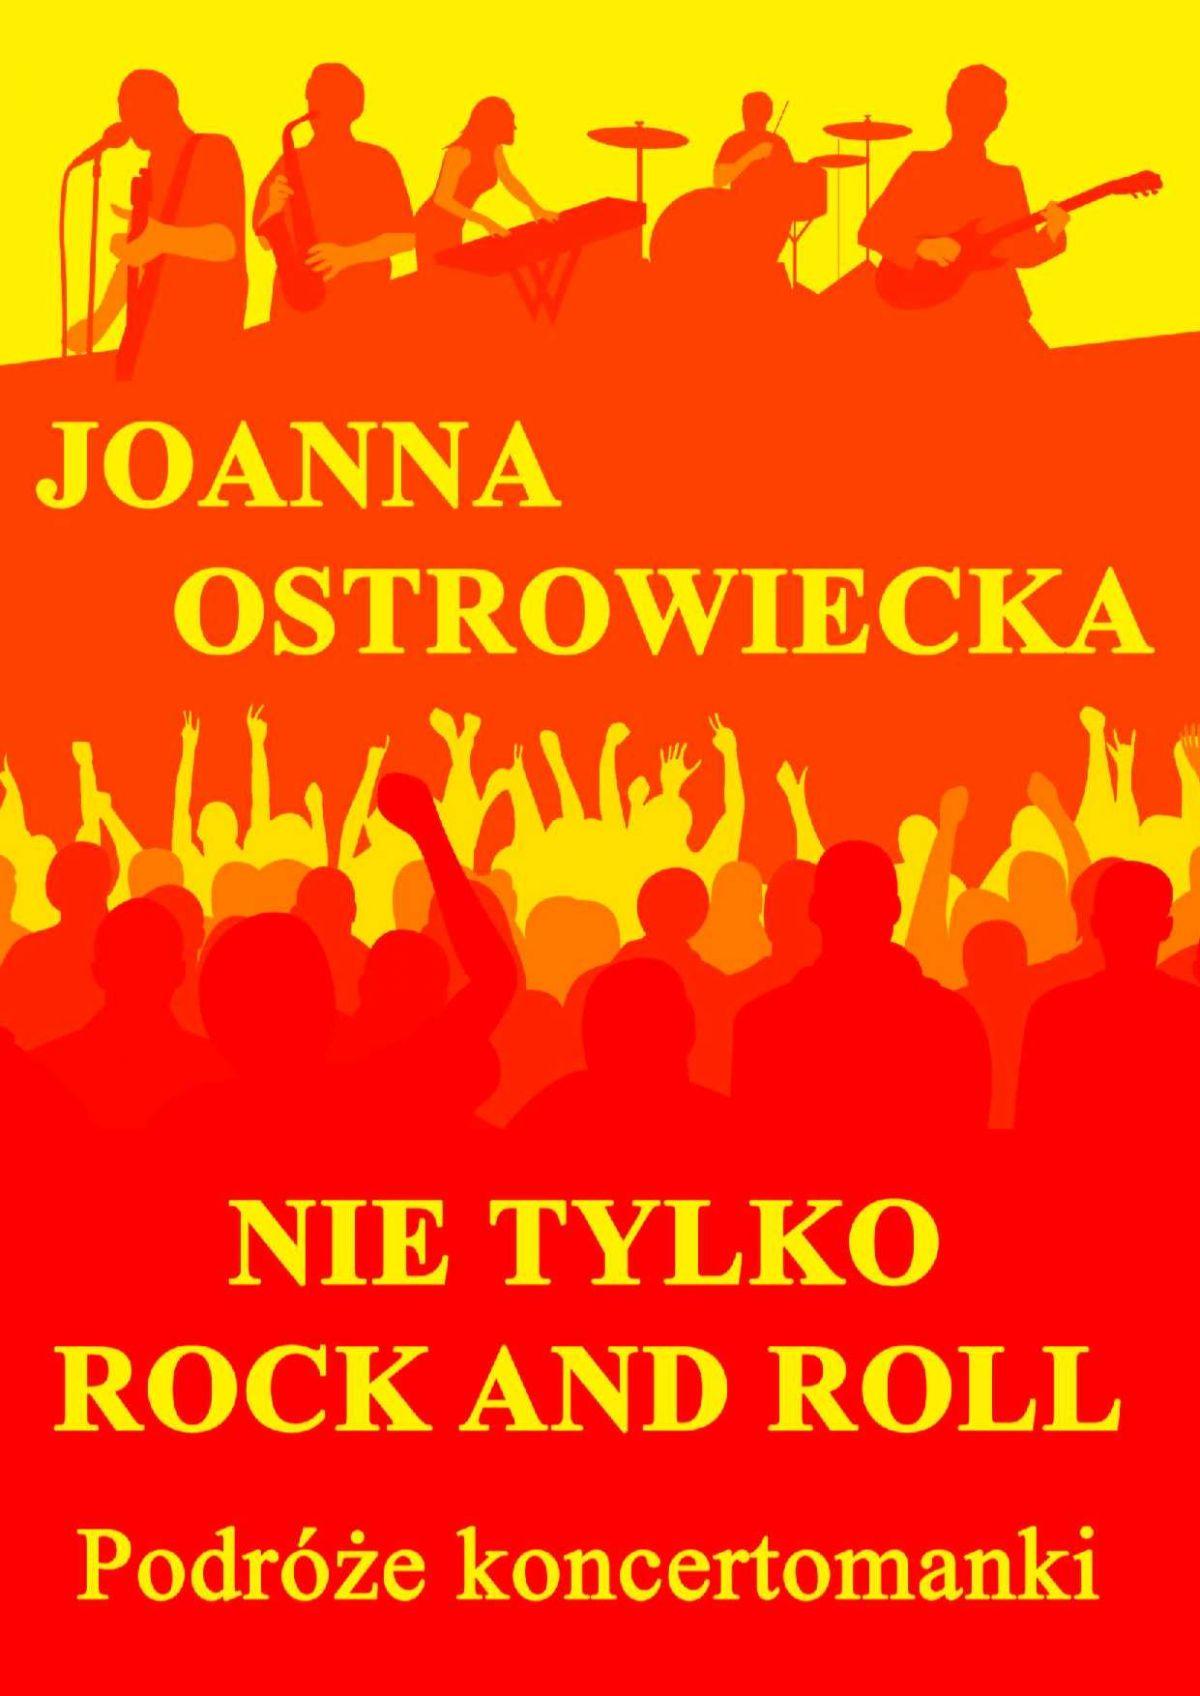 Nie tylko rock and roll. Podróże koncertomanki - Ebook (Książka PDF) do pobrania w formacie PDF